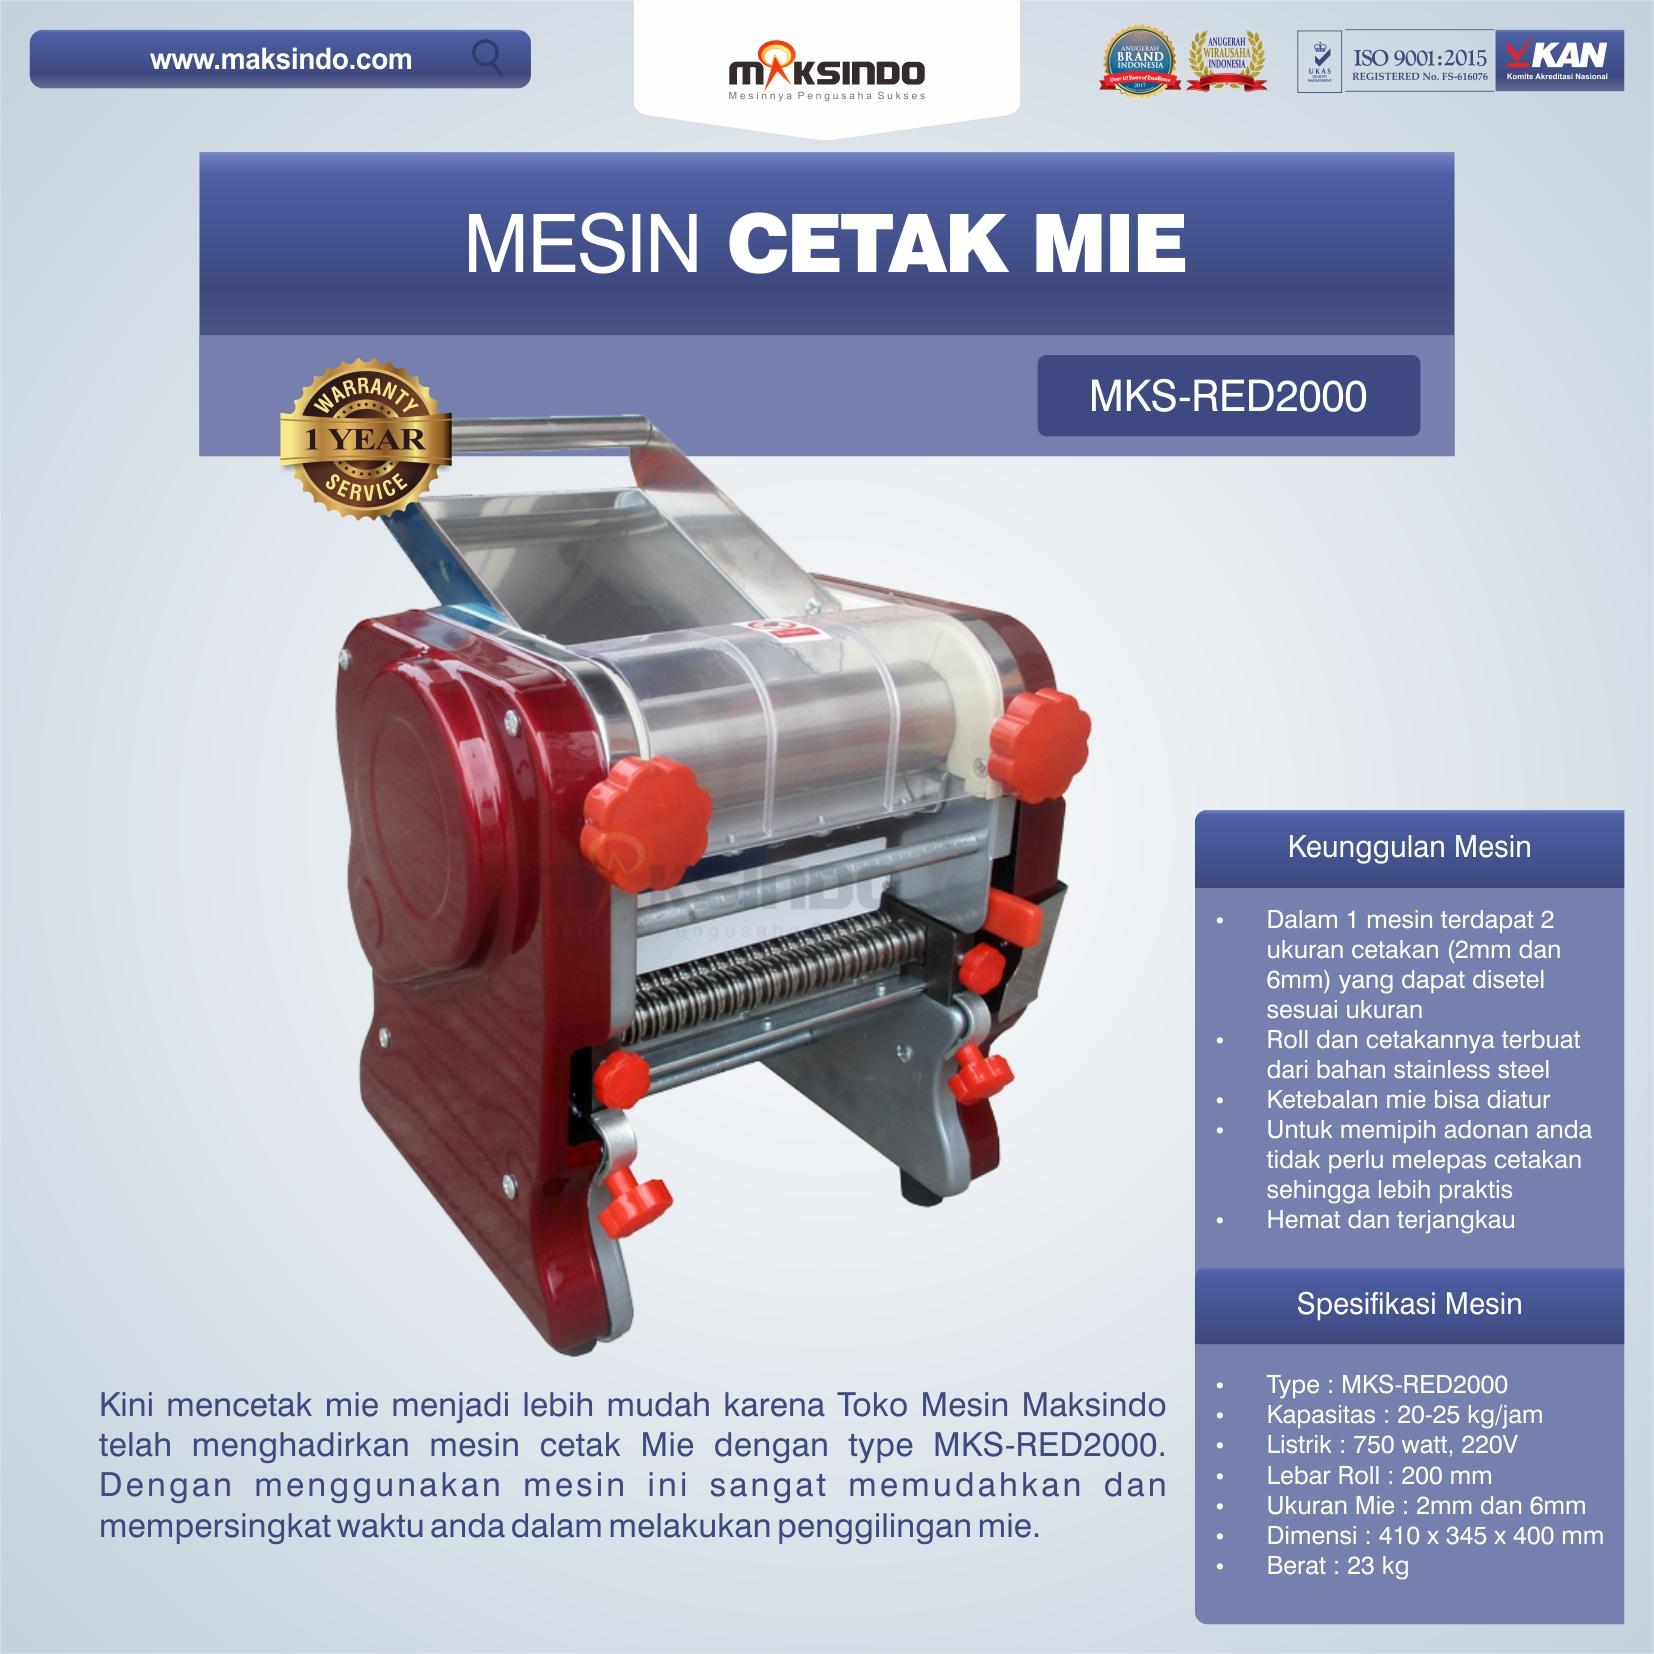 Jual Mesin Cetak Mie MKS-RED2000 di Pekanbaru